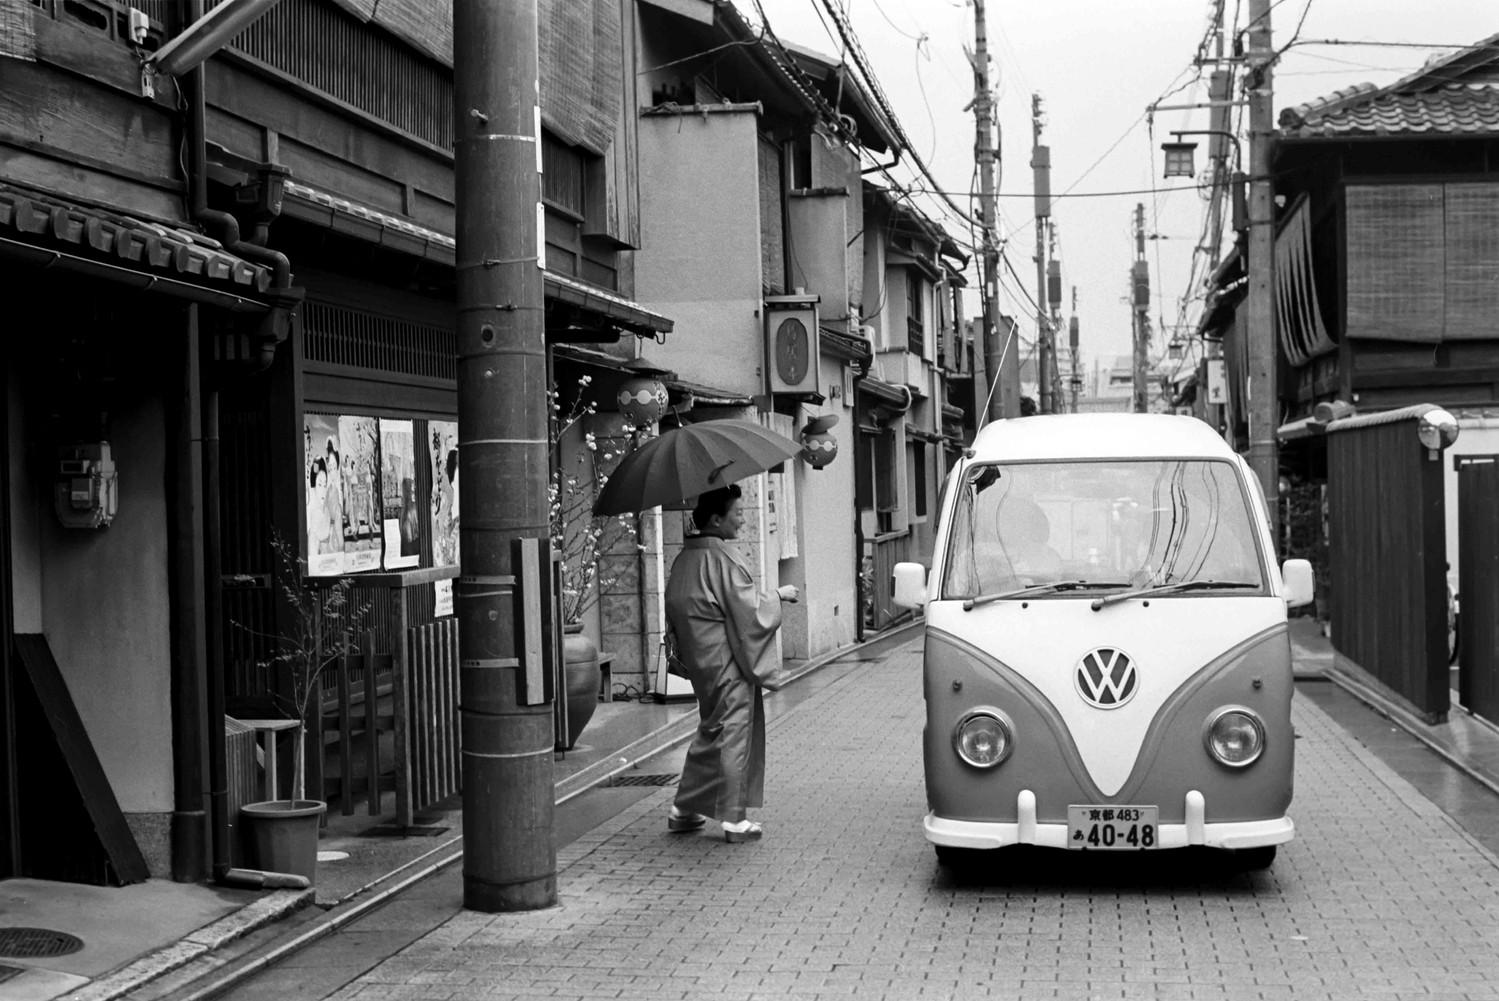 Kyoto 2010 • Combi VW